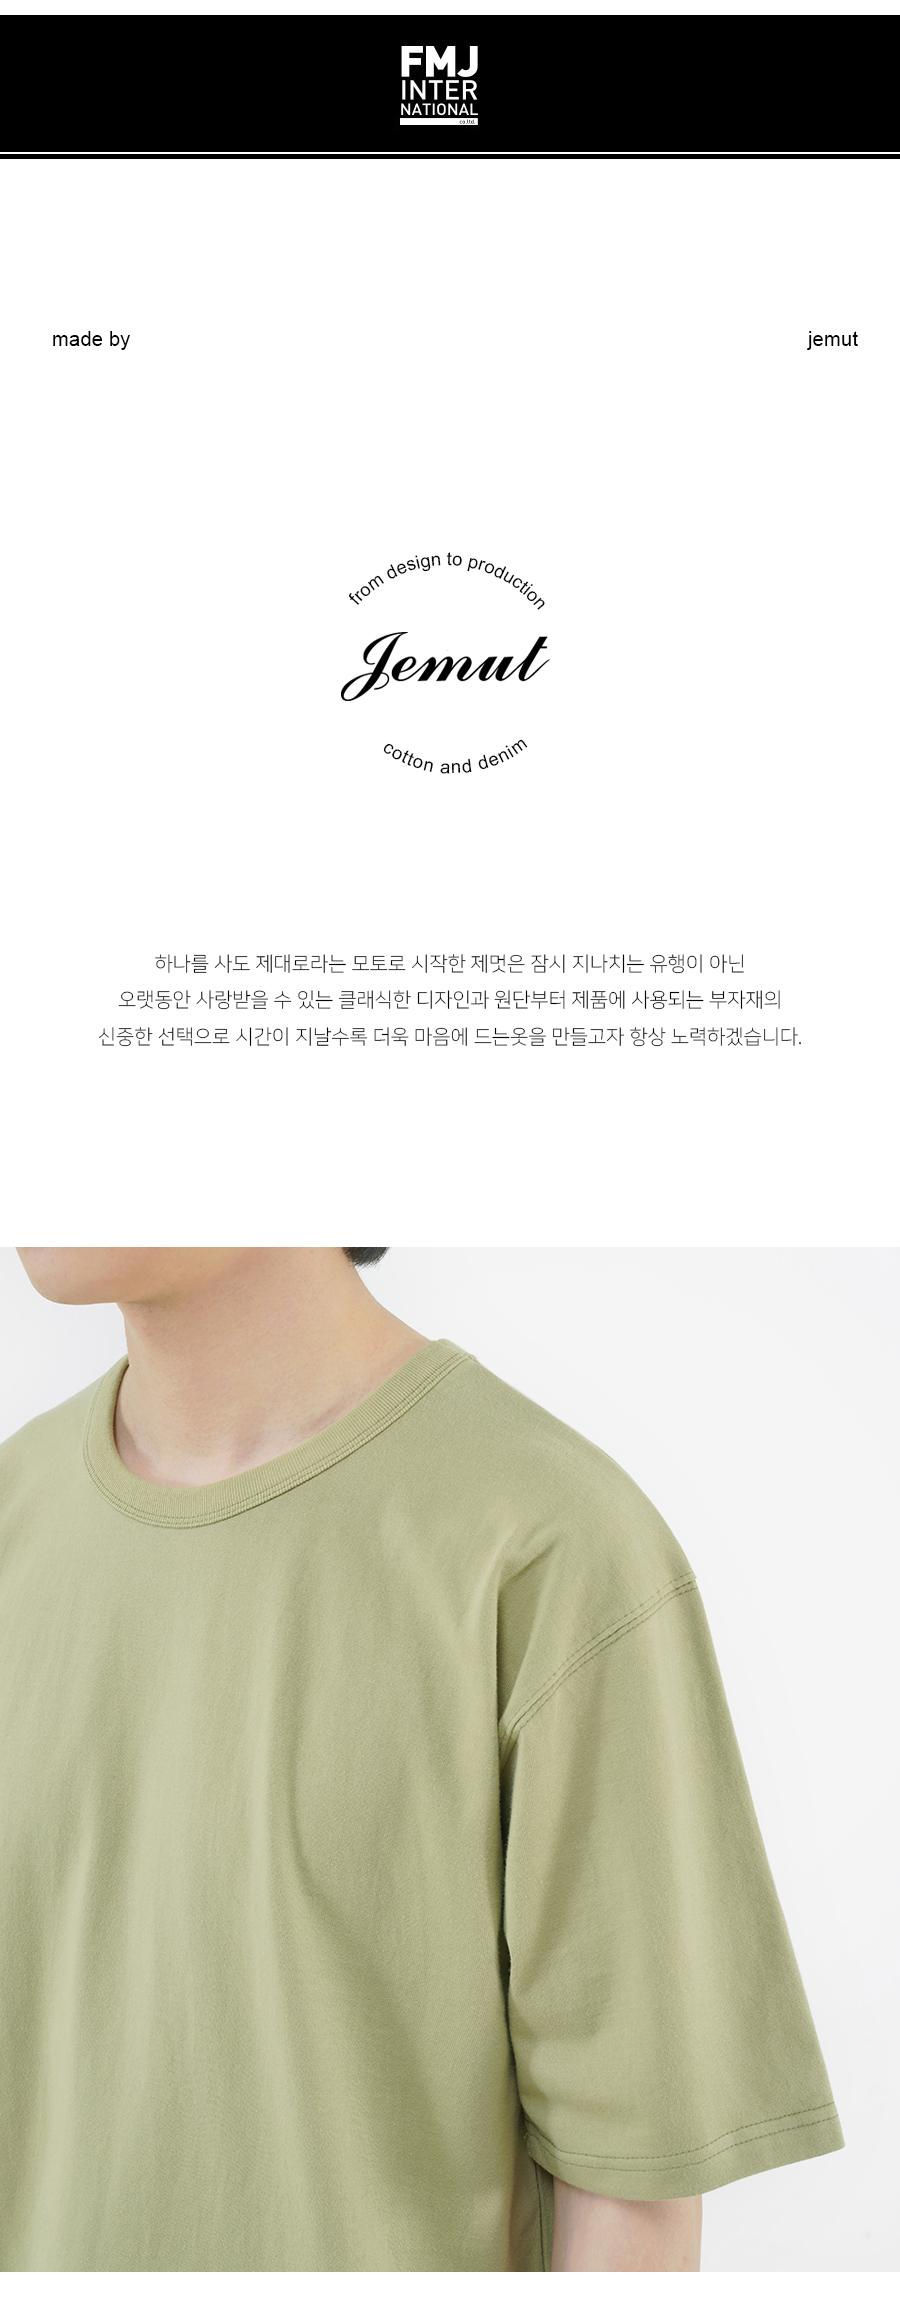 [기획특가][제멋] 마일드쿨 반팔티 11종 HJST2301